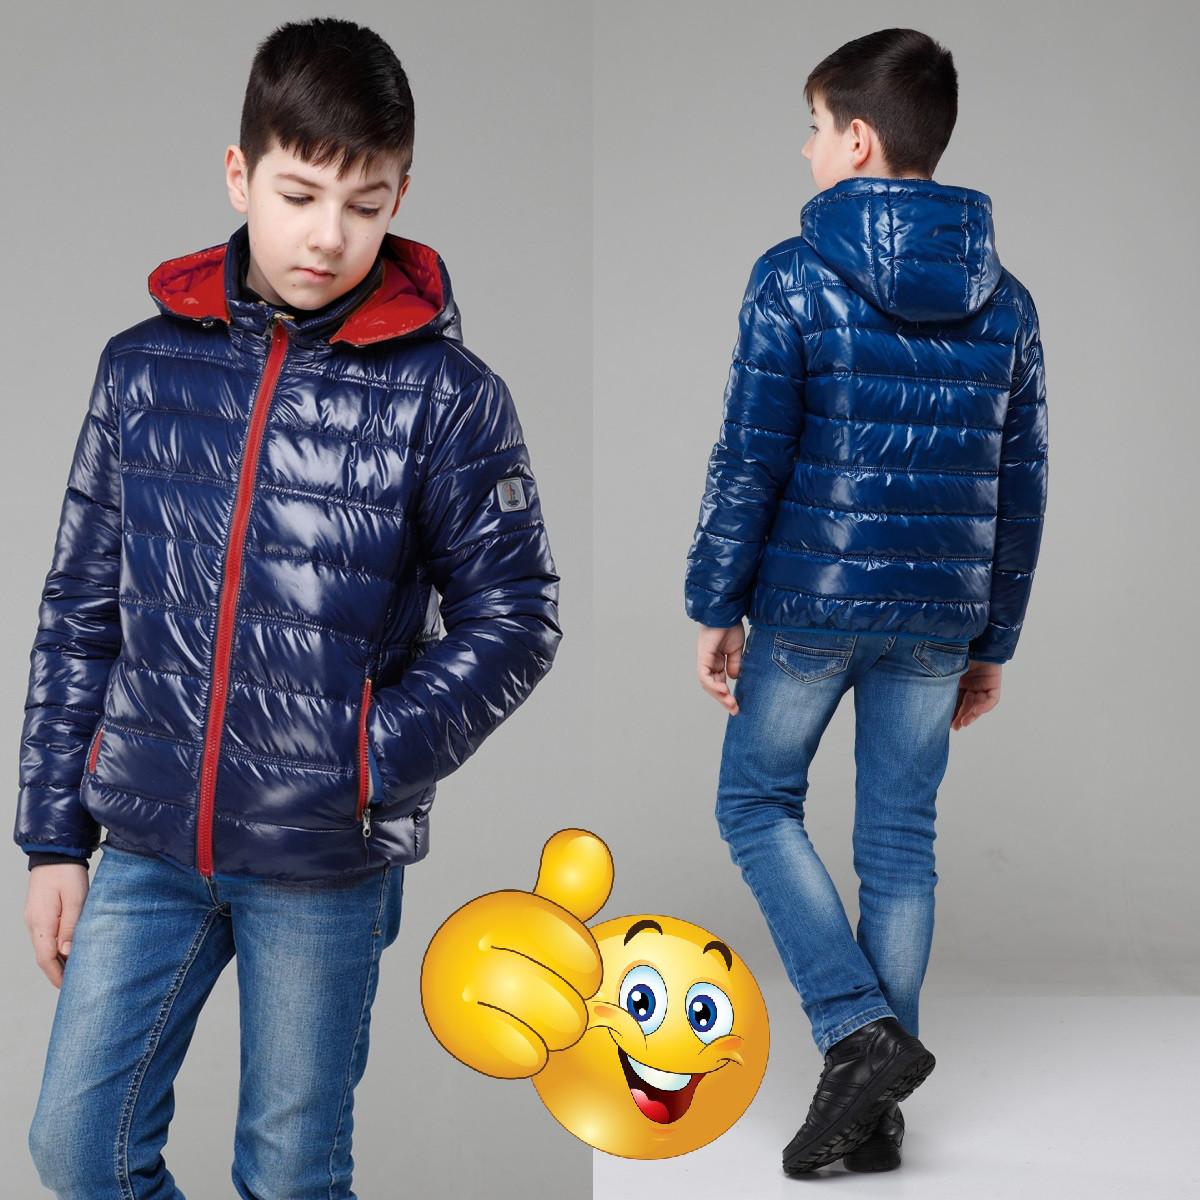 Демисезонная куртка для мальчика с капюшоном NW  Дени  19892  Синий